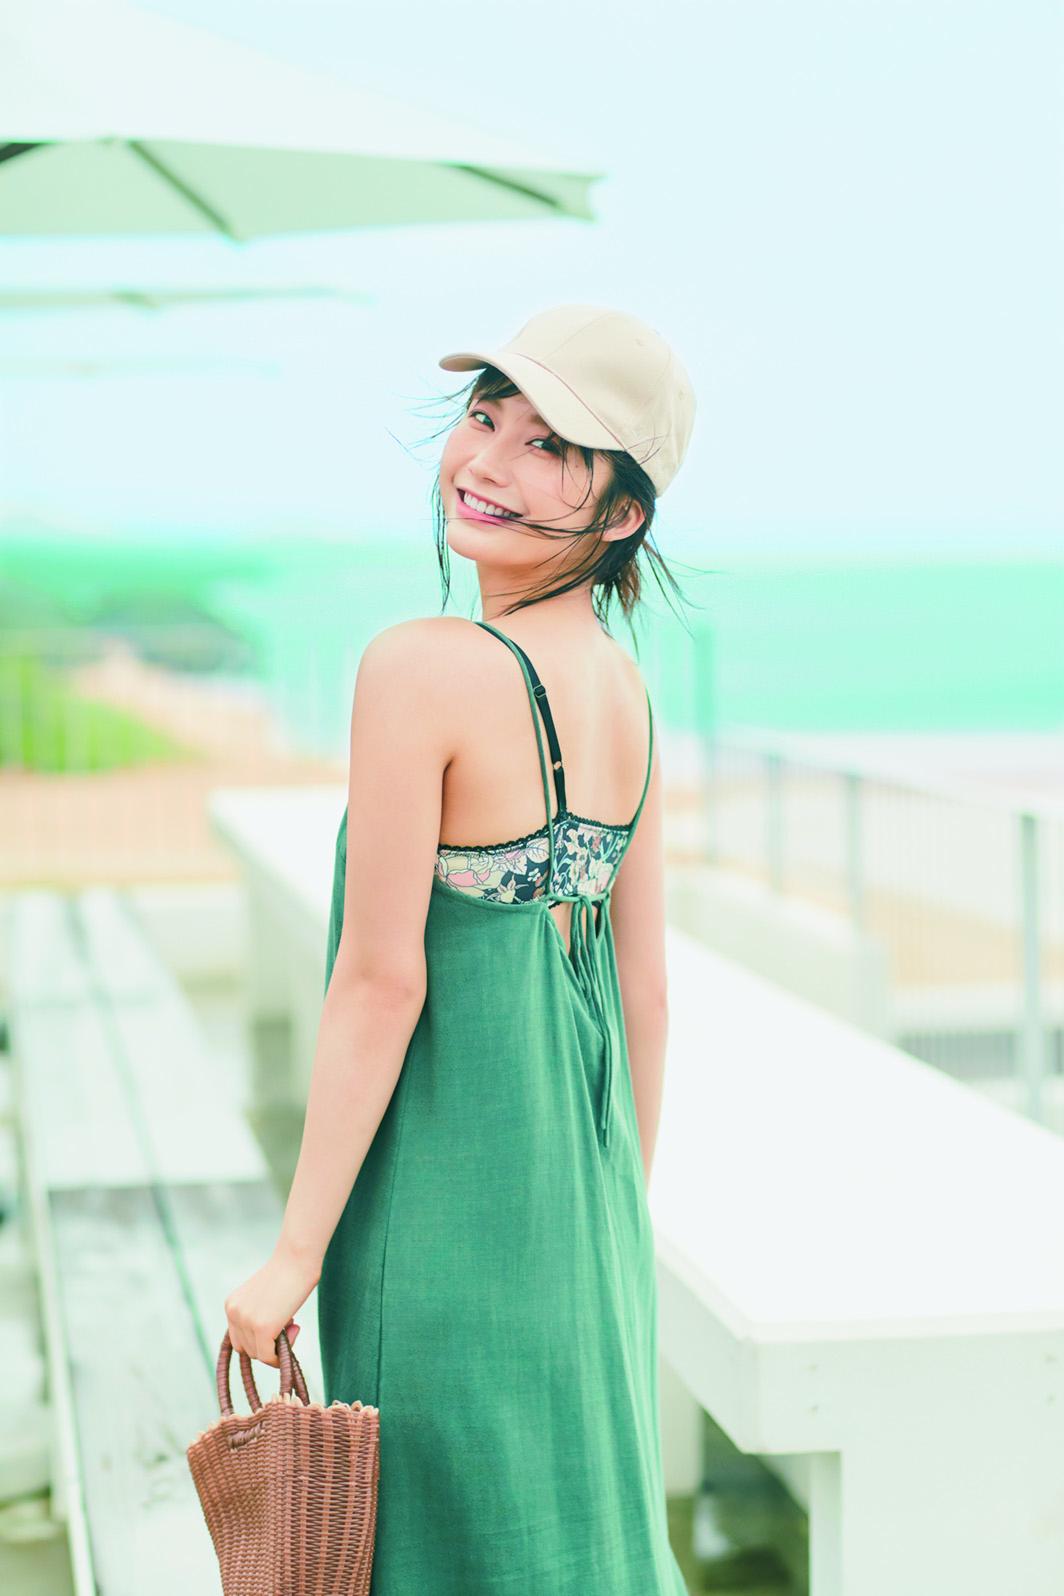 小倉優香/女性誌「with」7月号でモデルデビュー 講談社with Ⓒ三瓶康友